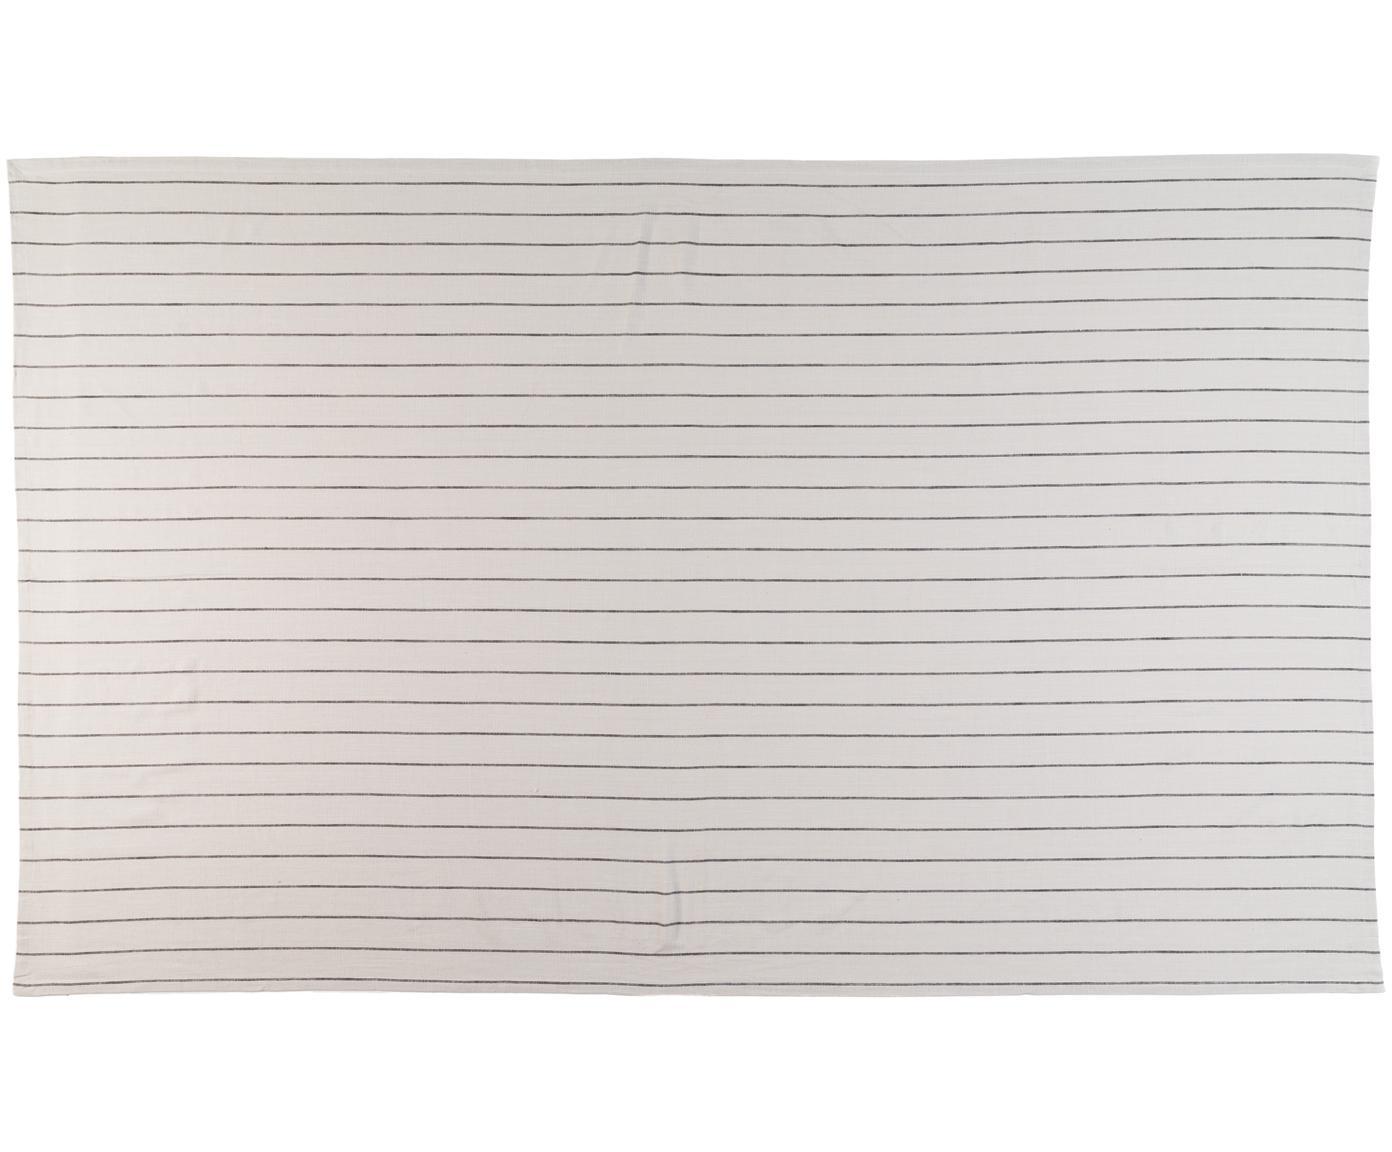 Obrus Lina, Bawełna, Jasny szary, czarny, Dla 6-8 osób (S 150 x D 250 cm)